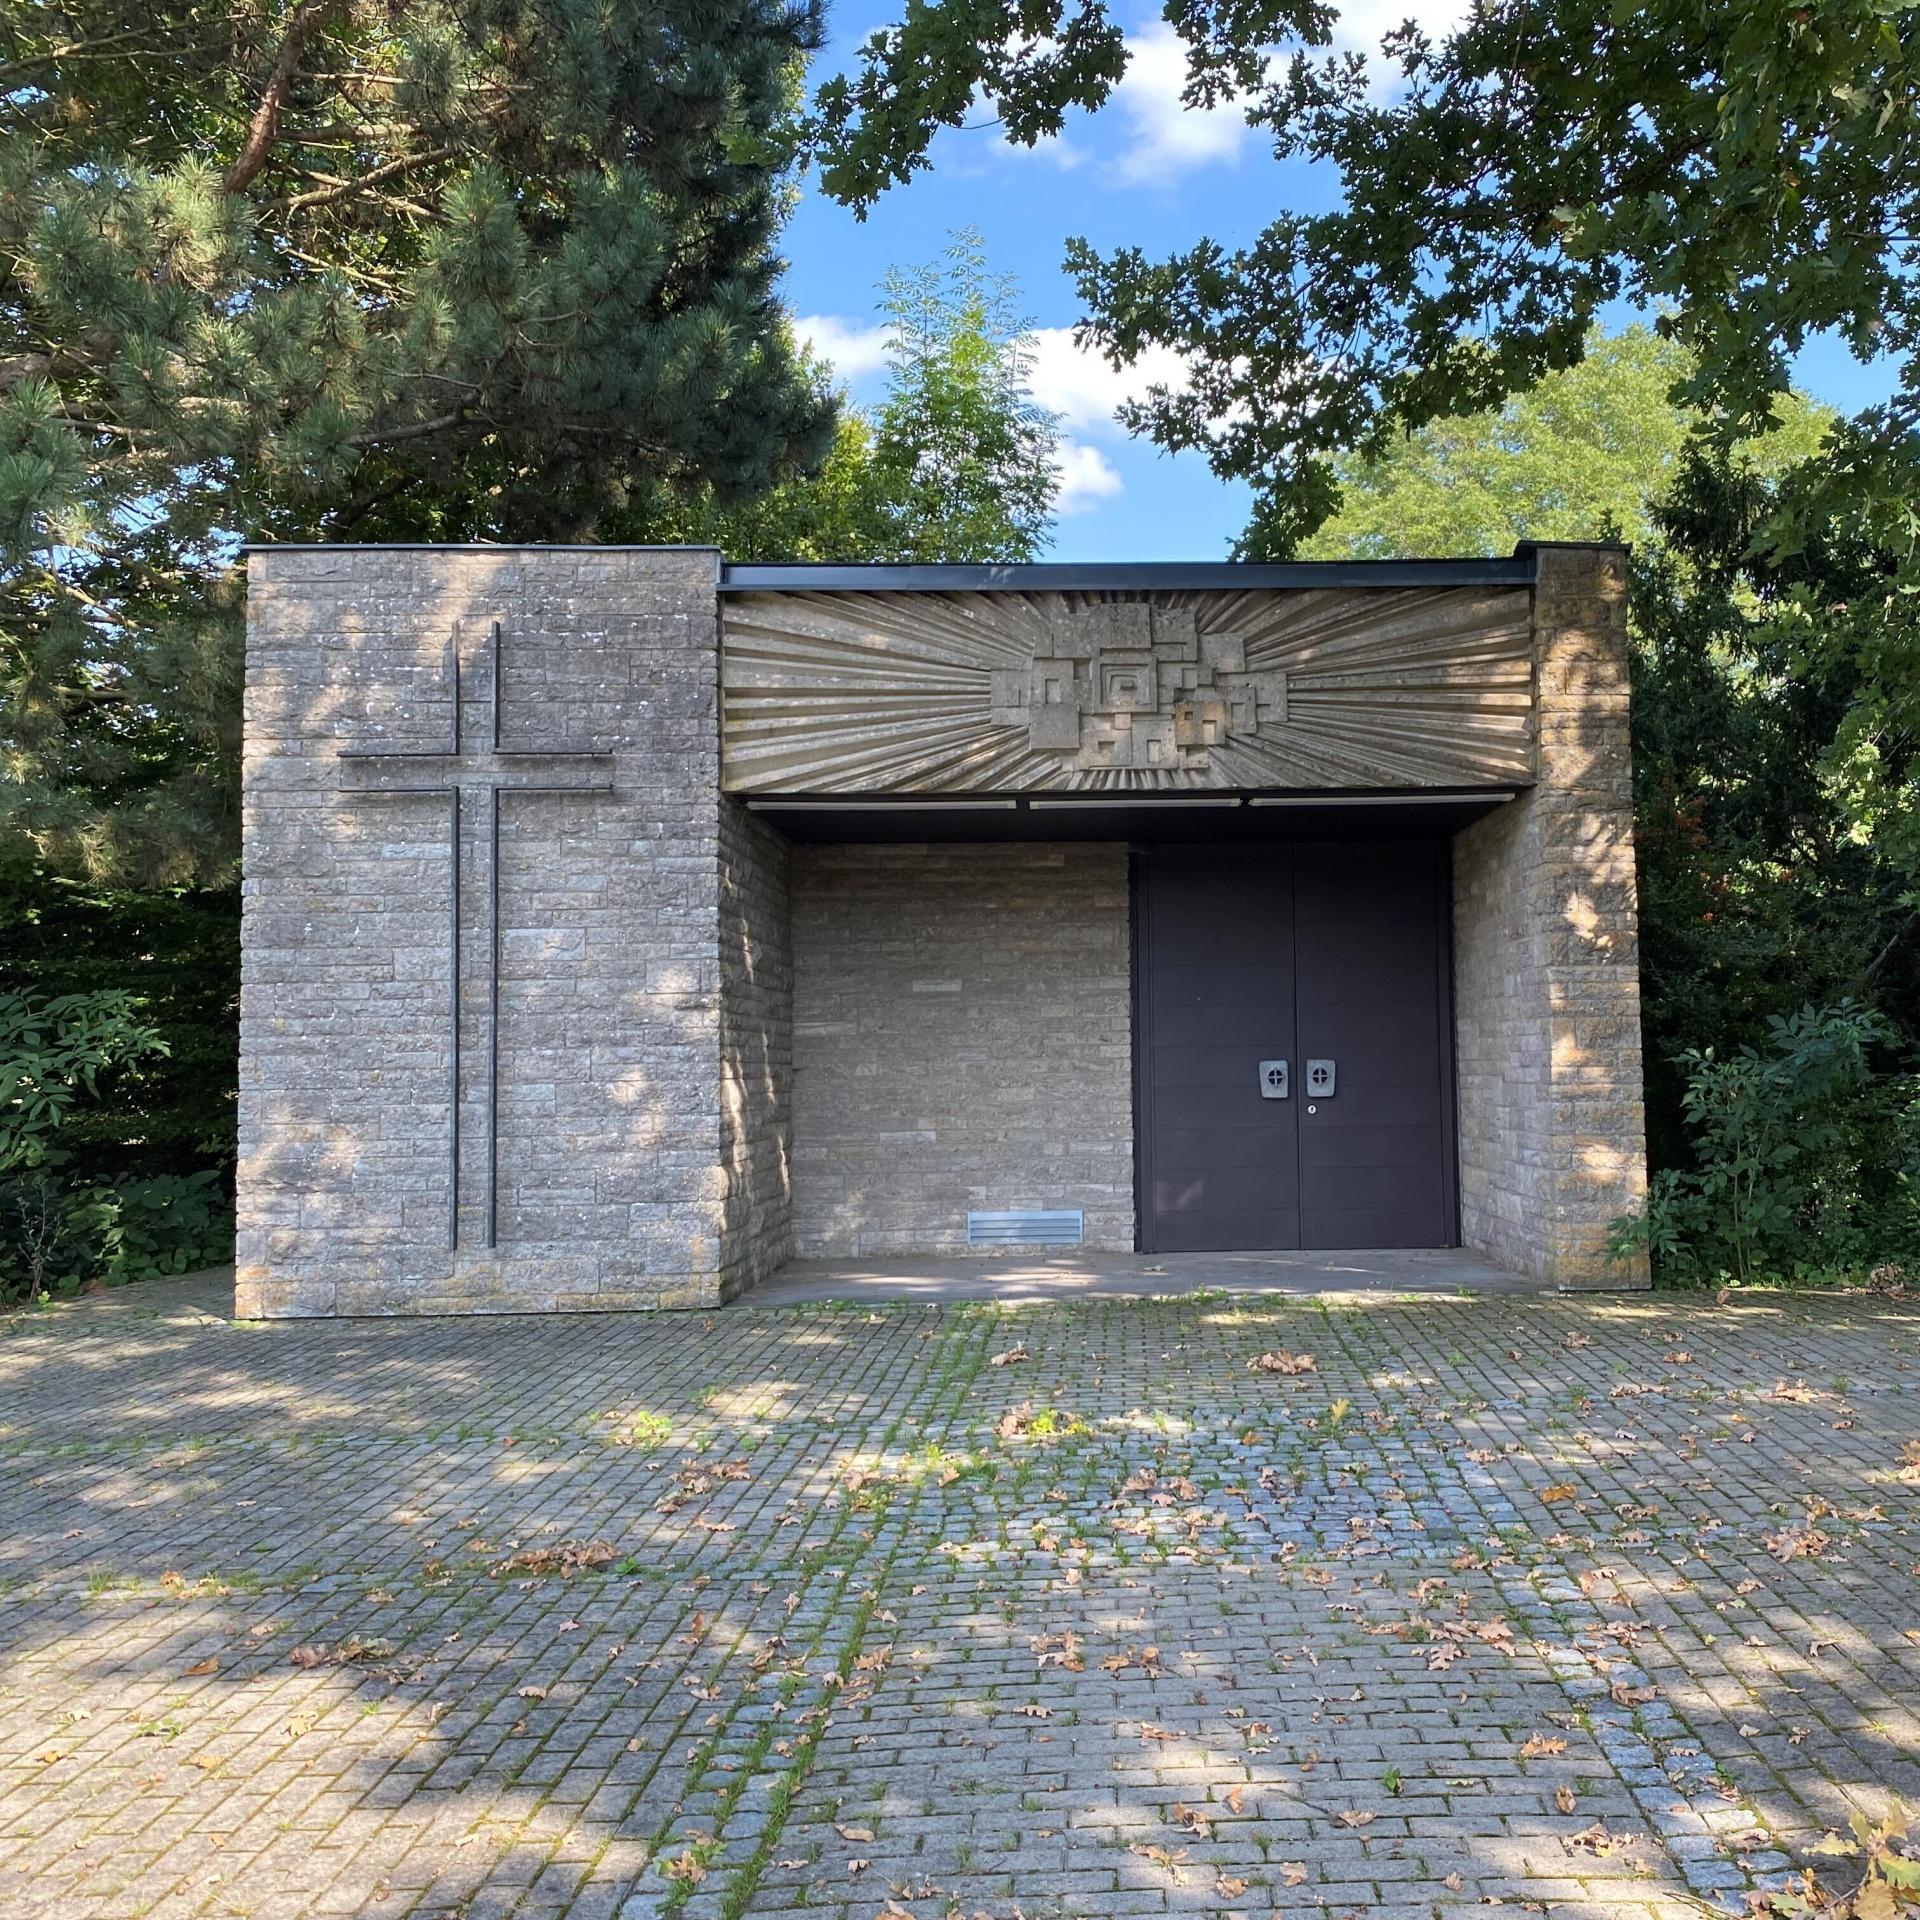 Friedhof Hergolshausen